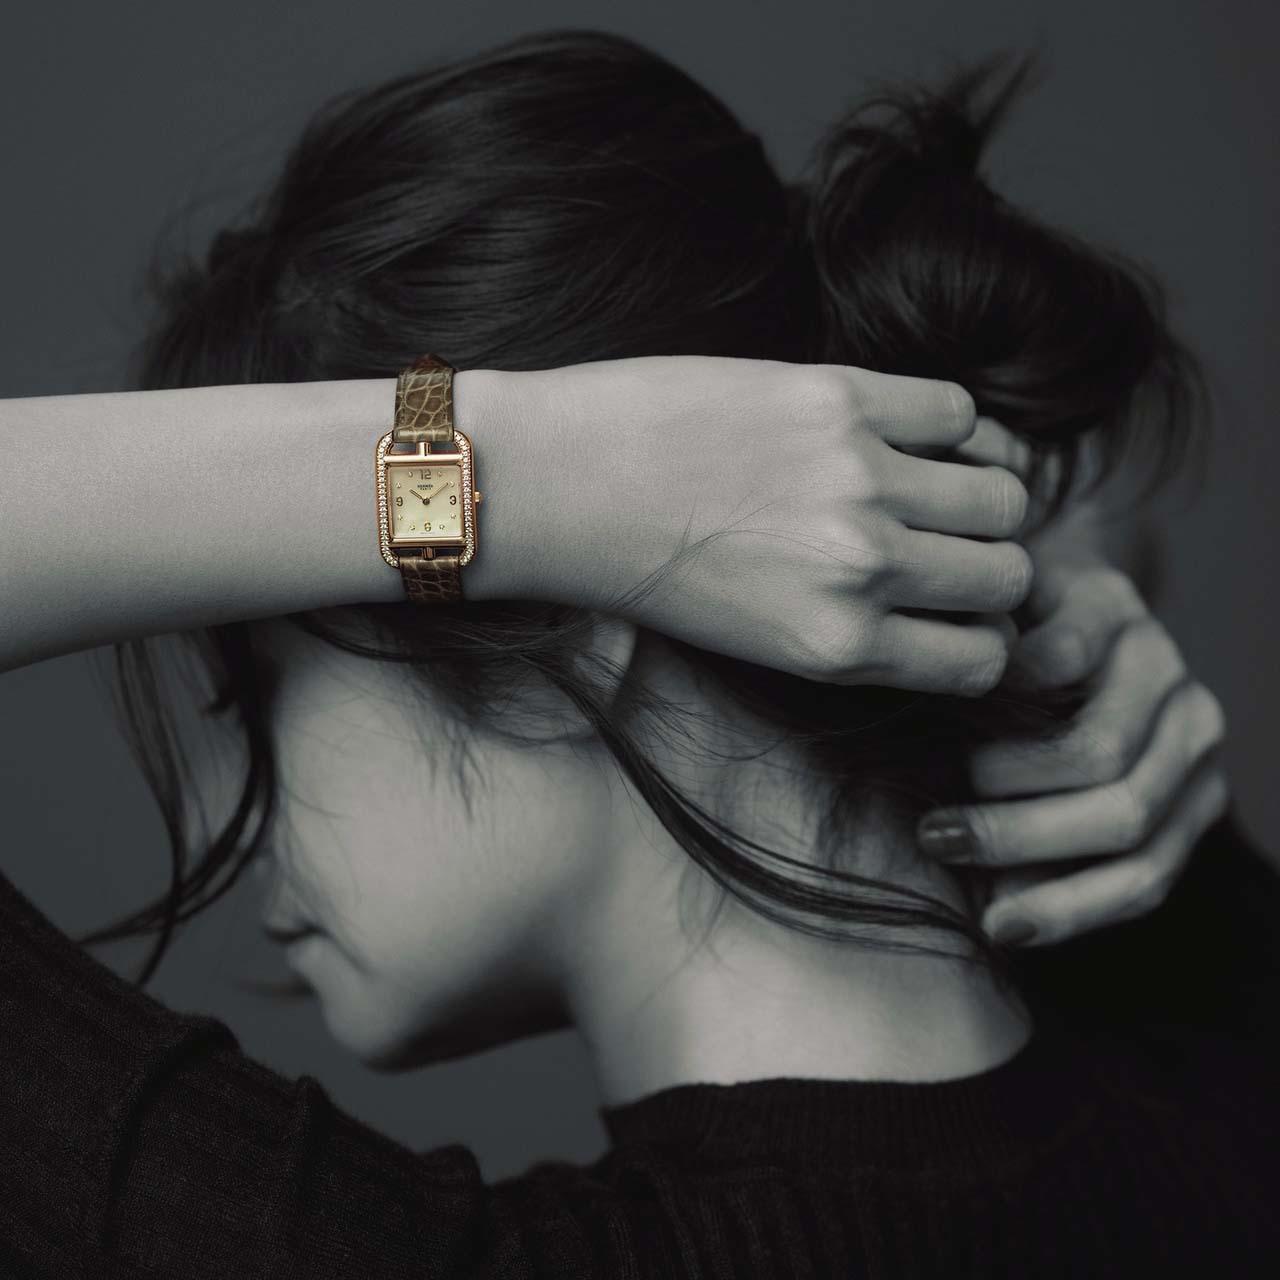 エルメスのニット×エルメスの時計コーデを着たモデルの竹下玲奈さん